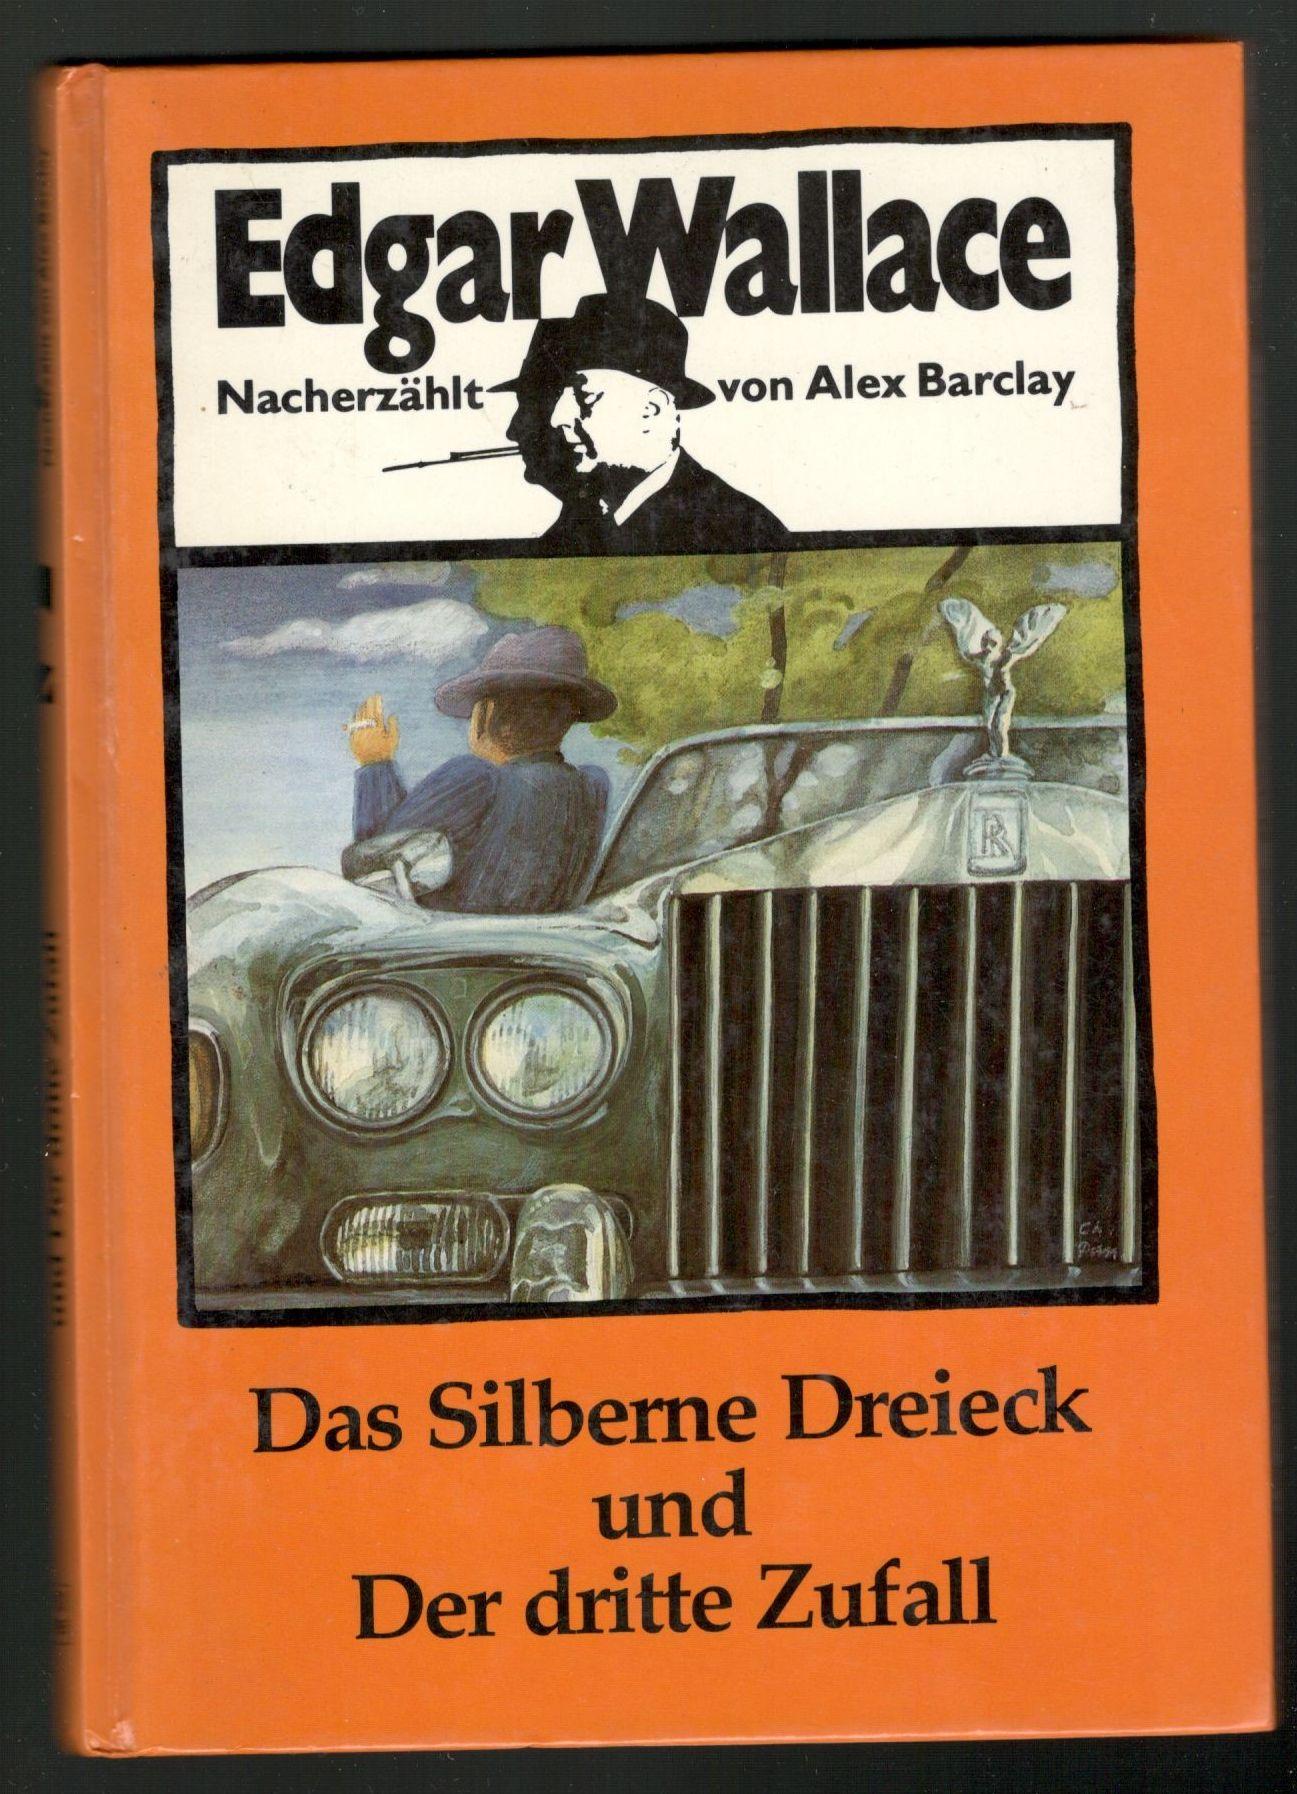 Das Silberne Dreieck und Der dritte Zufall - Edgar Wallace